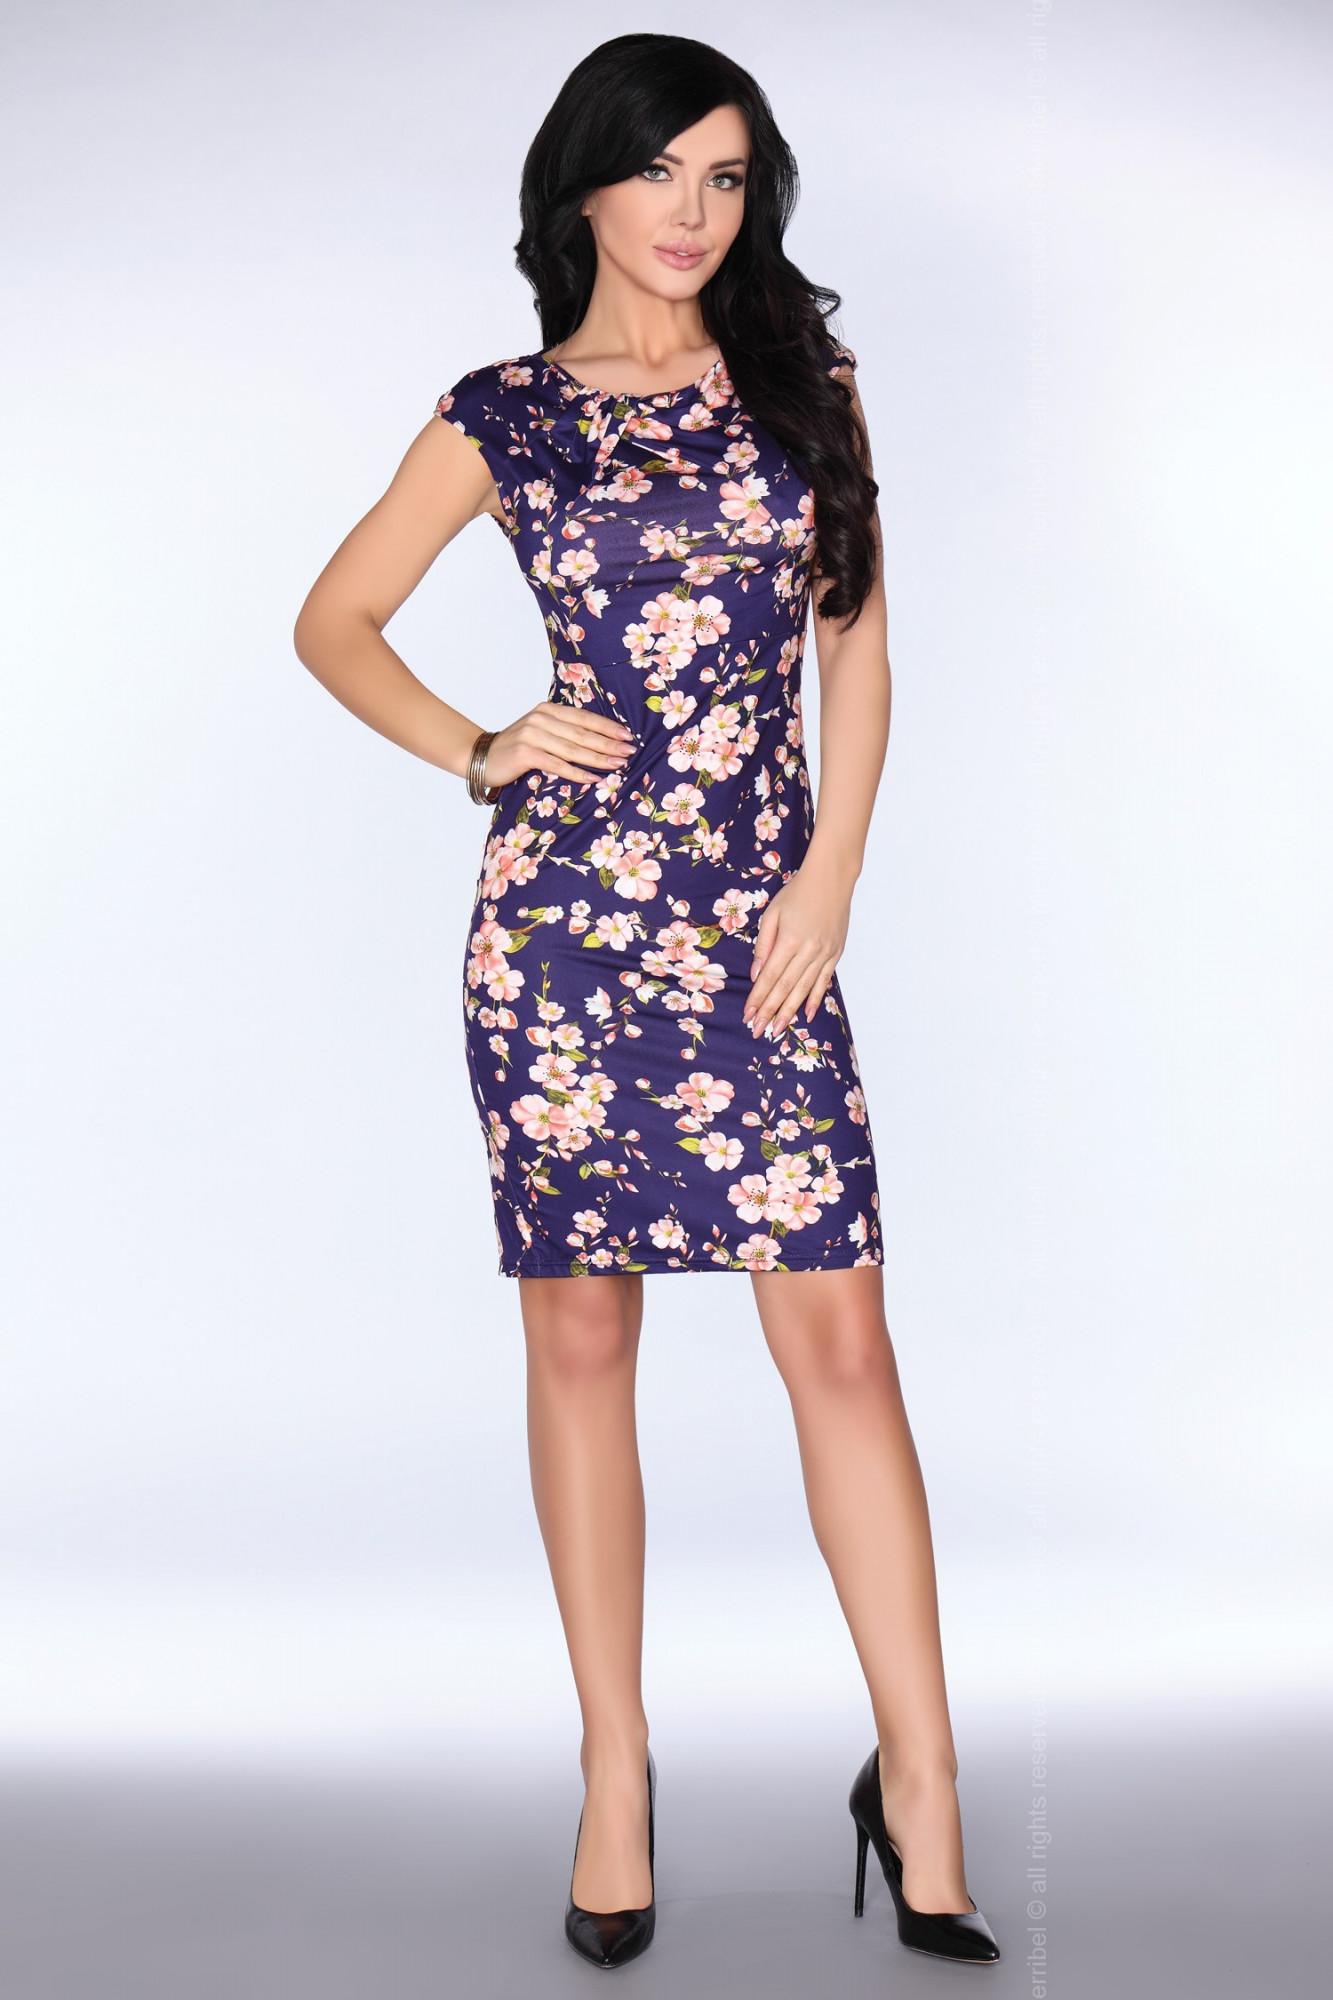 Dámské šaty model P30254 - Merribel Barva: modrá - květy, Velikost: L